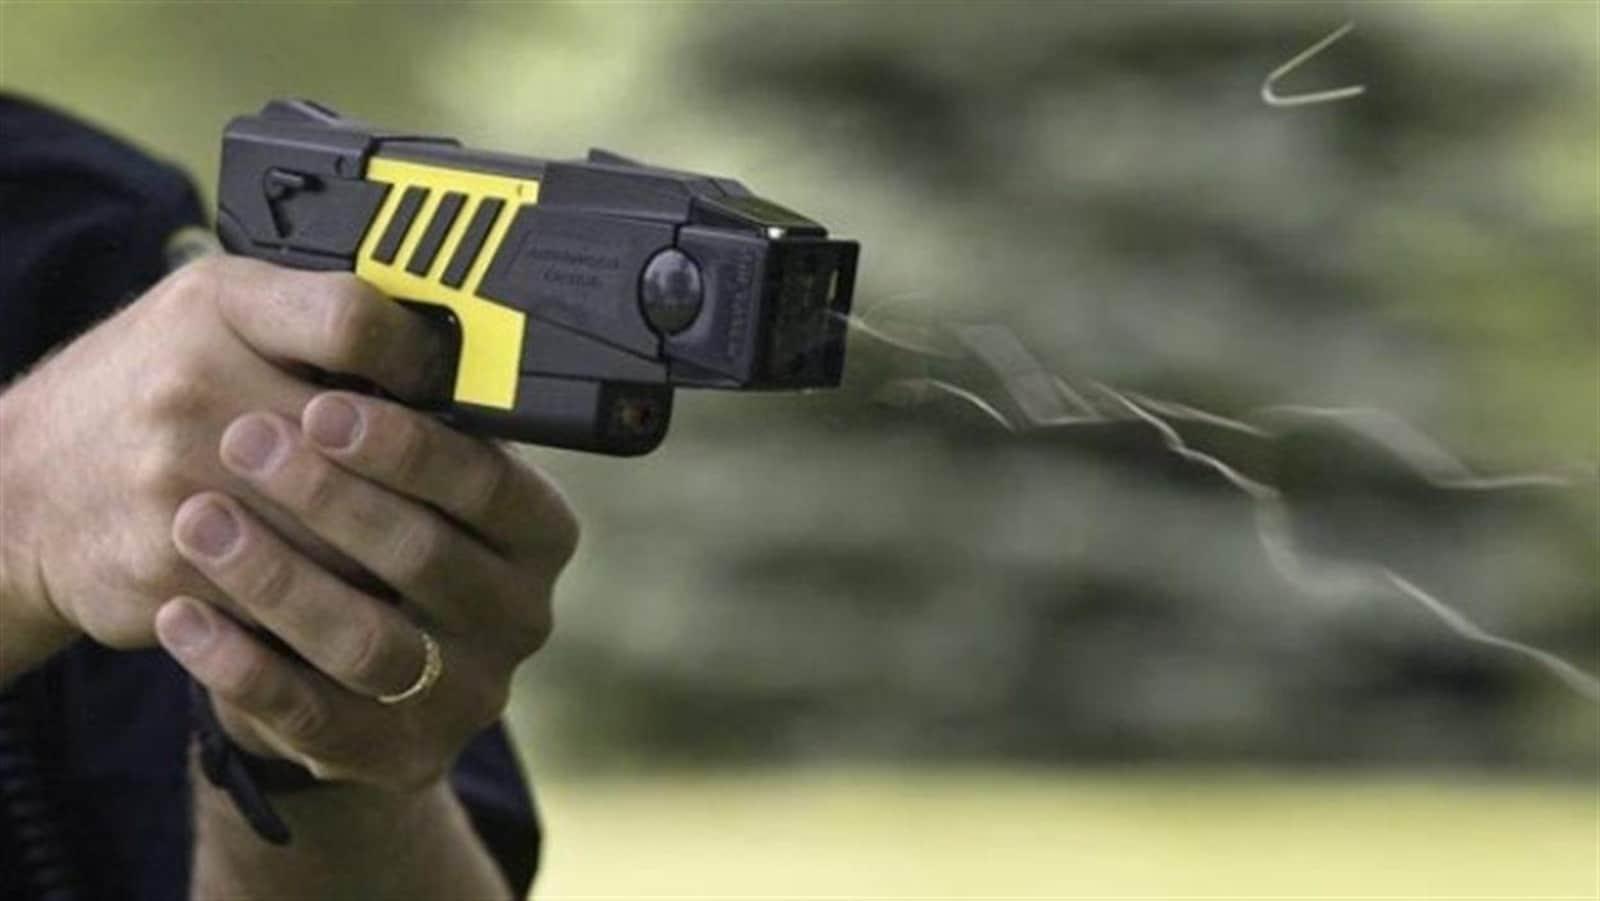 Un pistolet à impulsion électrique de type Taser